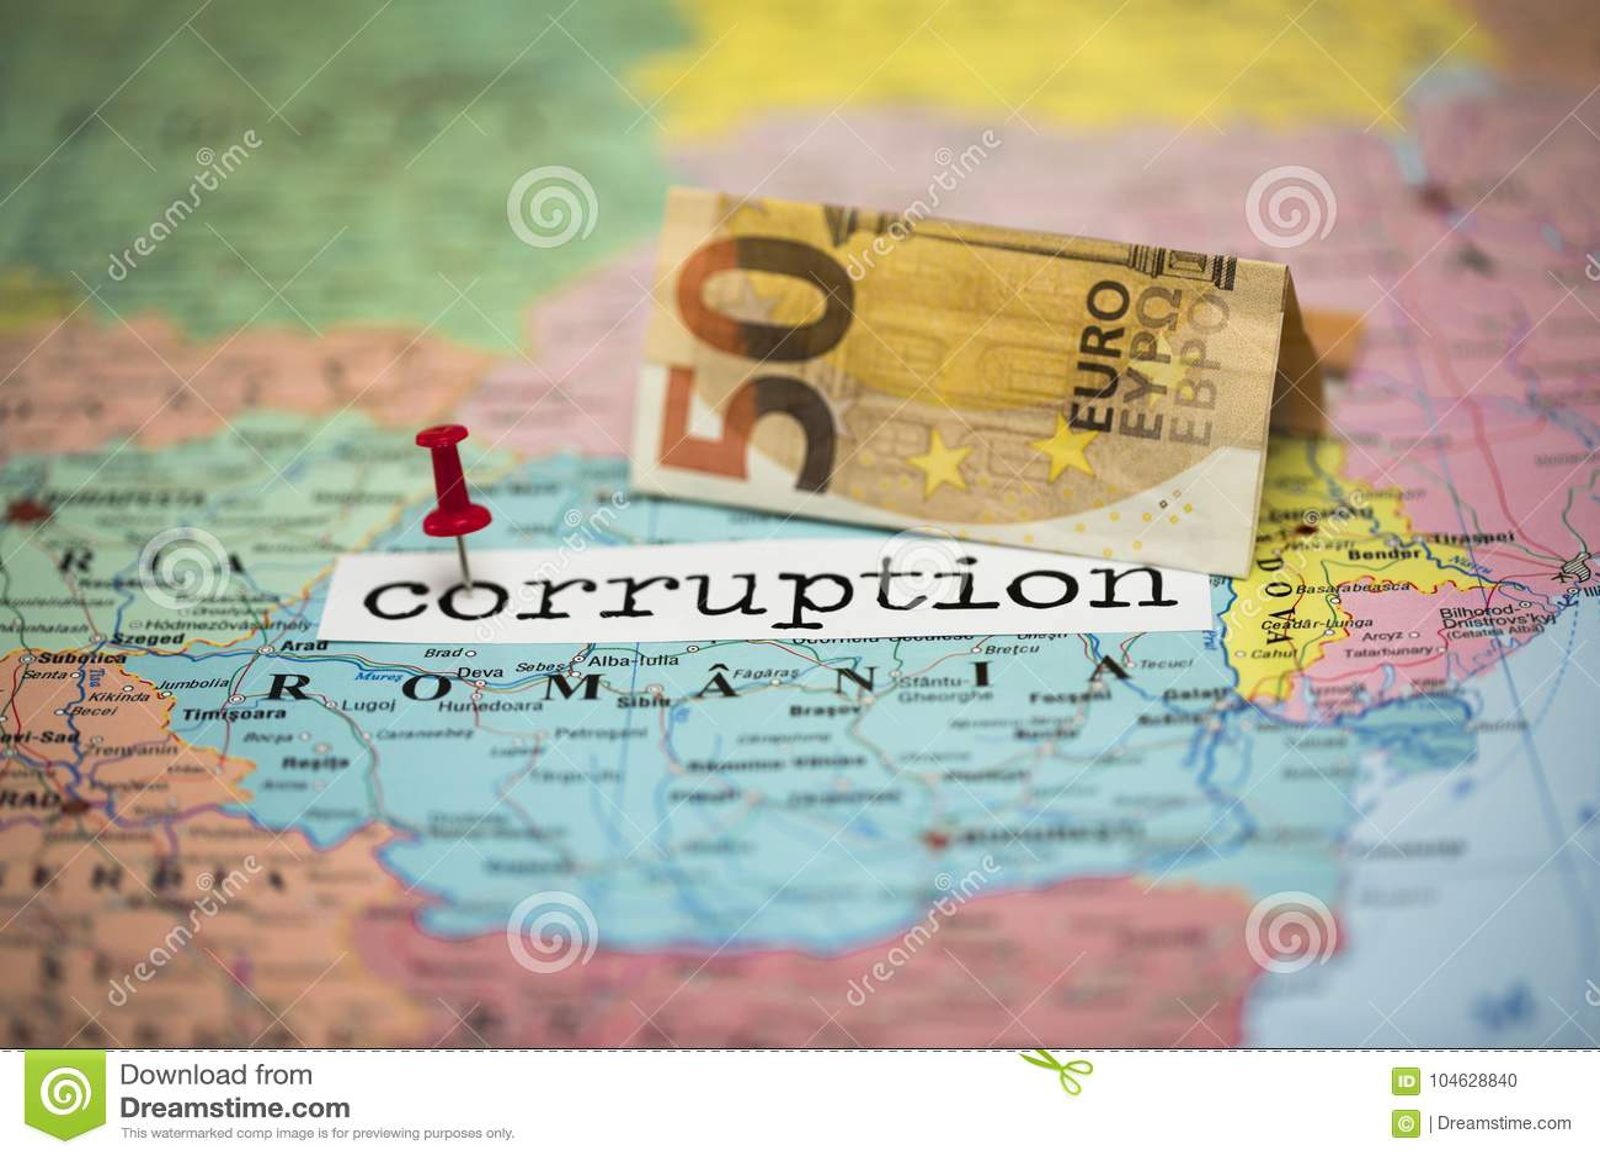 Download Roemenië, Een Land Waar De Corruptie In De Bovenkant Is Stock Foto - Afbeelding bestaande uit genaturaliseerd, achtergrond: 104628840